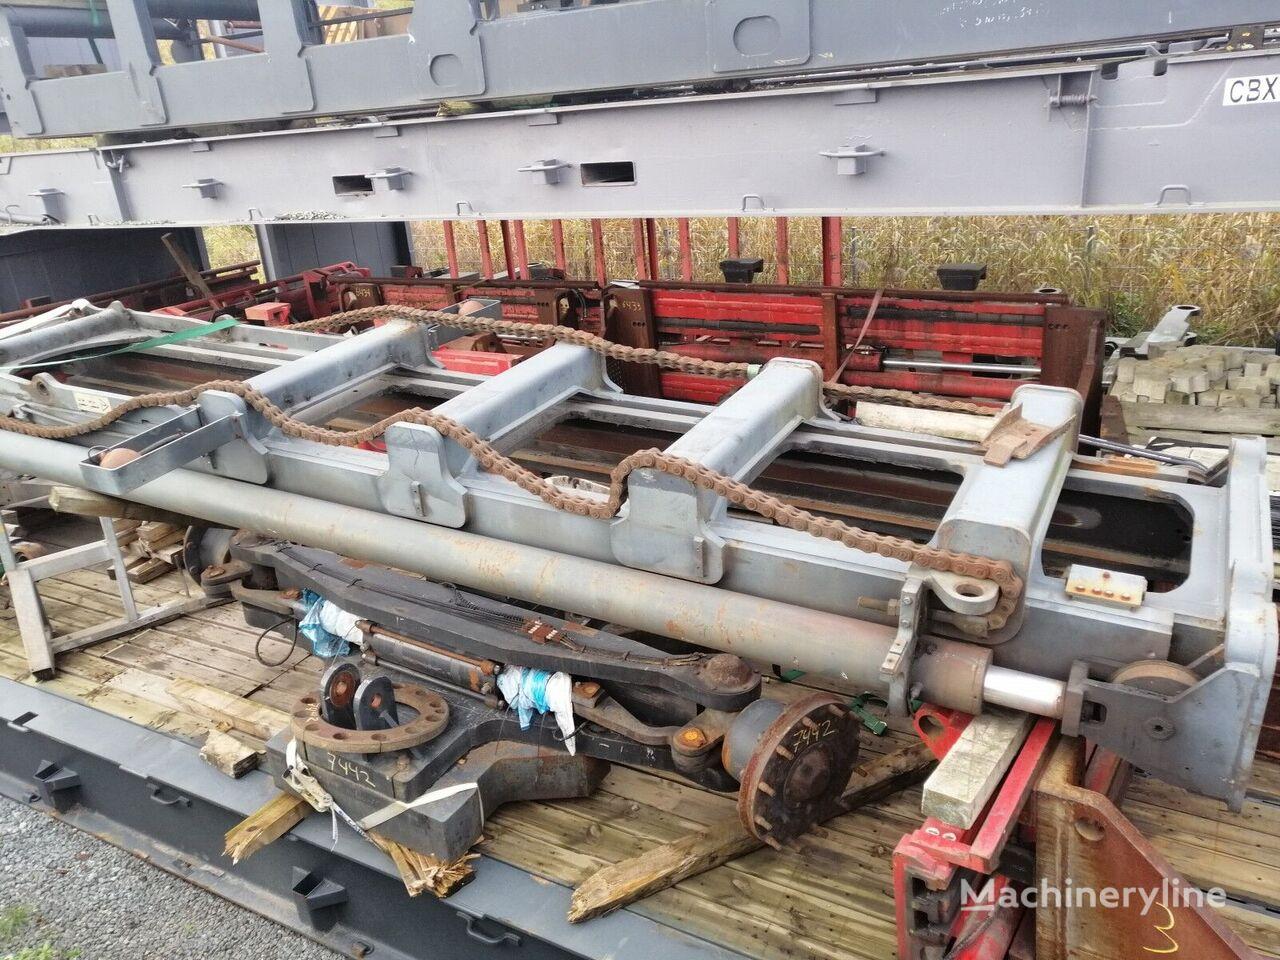 KALMAR EMTY MAST mástil de cargador para KALMAR maquinaria de elevación y manutención